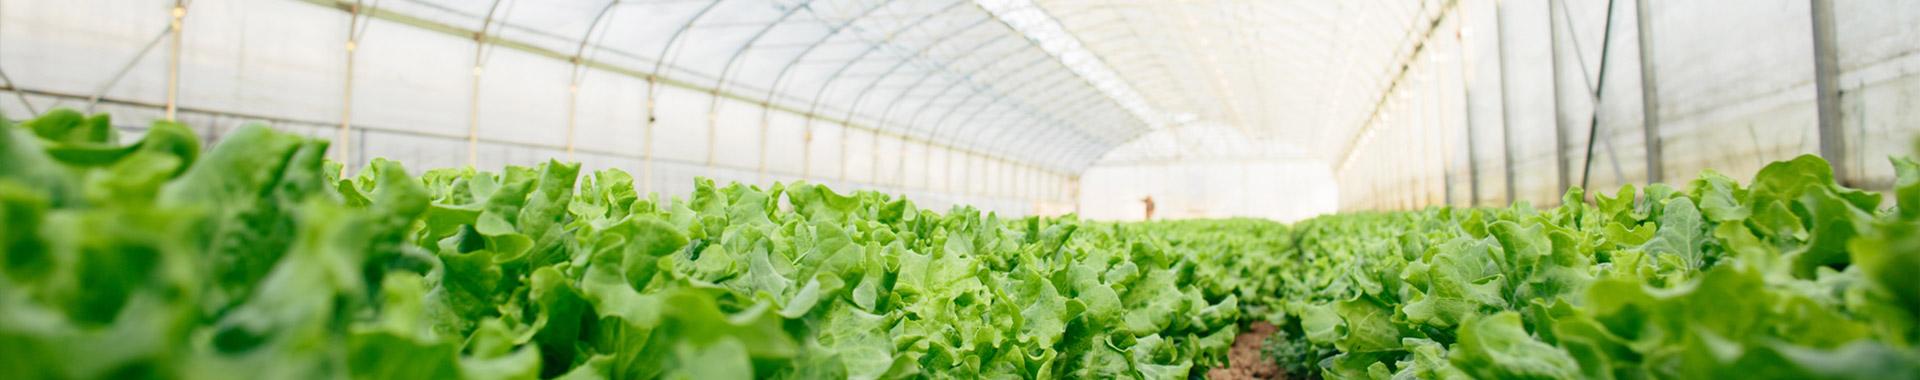 Agrar- und Ernährungwirtschaft